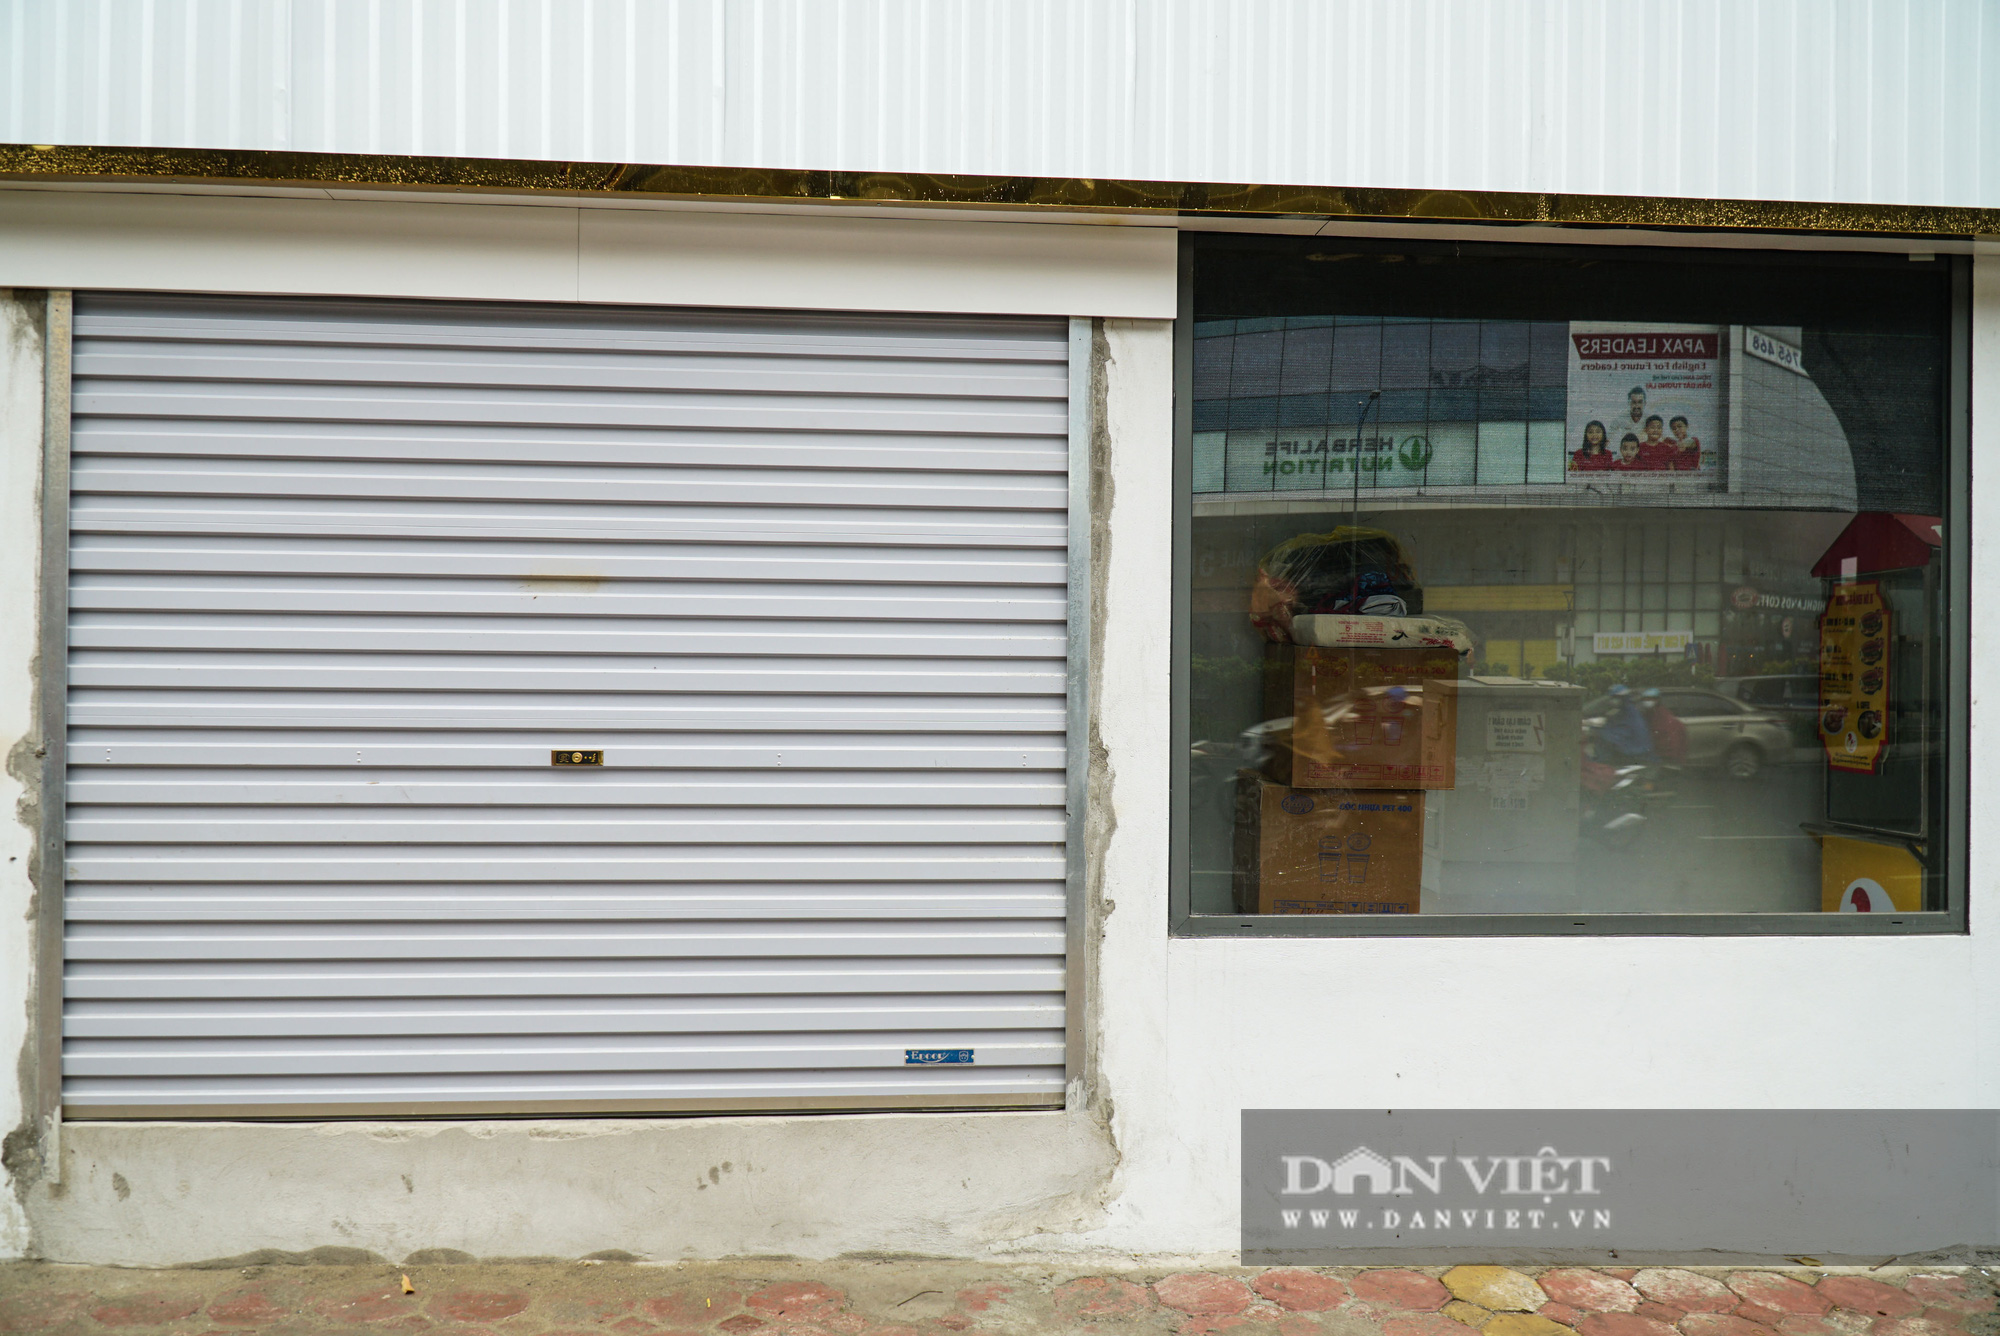 Kỳ lạ 2 ngôi nhà mặt đường siêu mỏng trên đường Trường Chinh - Ảnh 6.